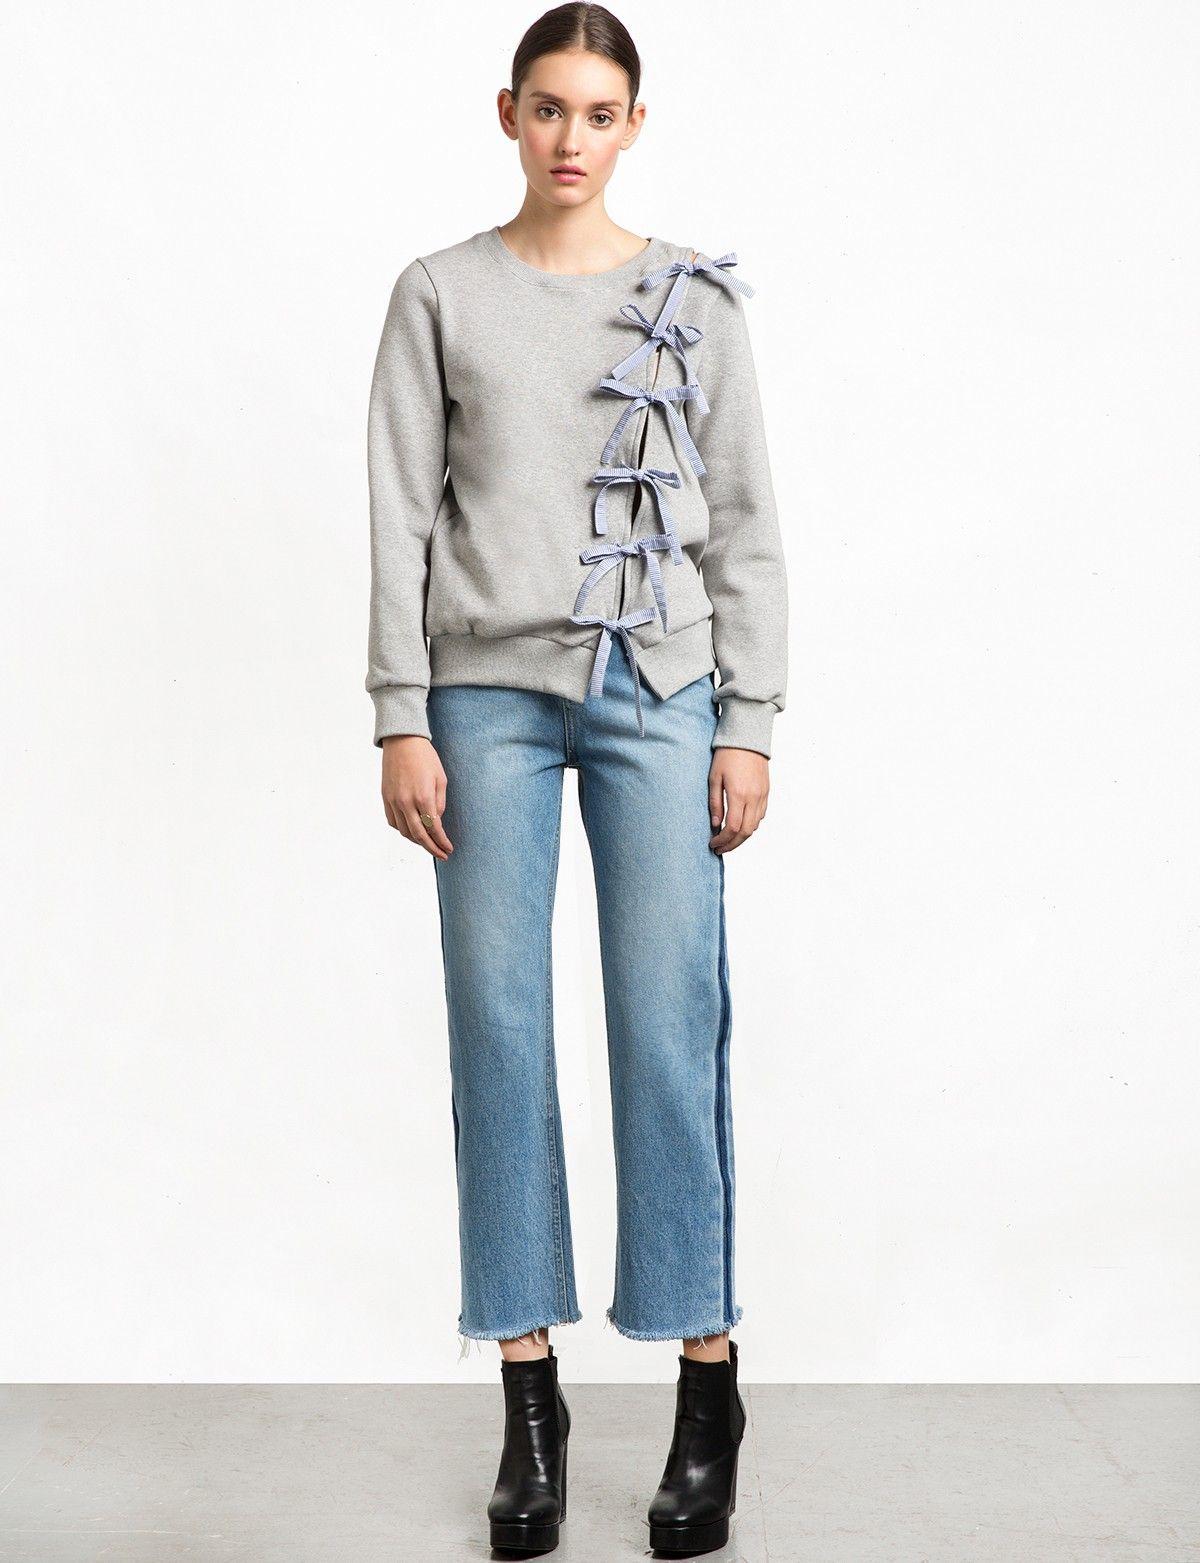 Cobek skinny jeans price